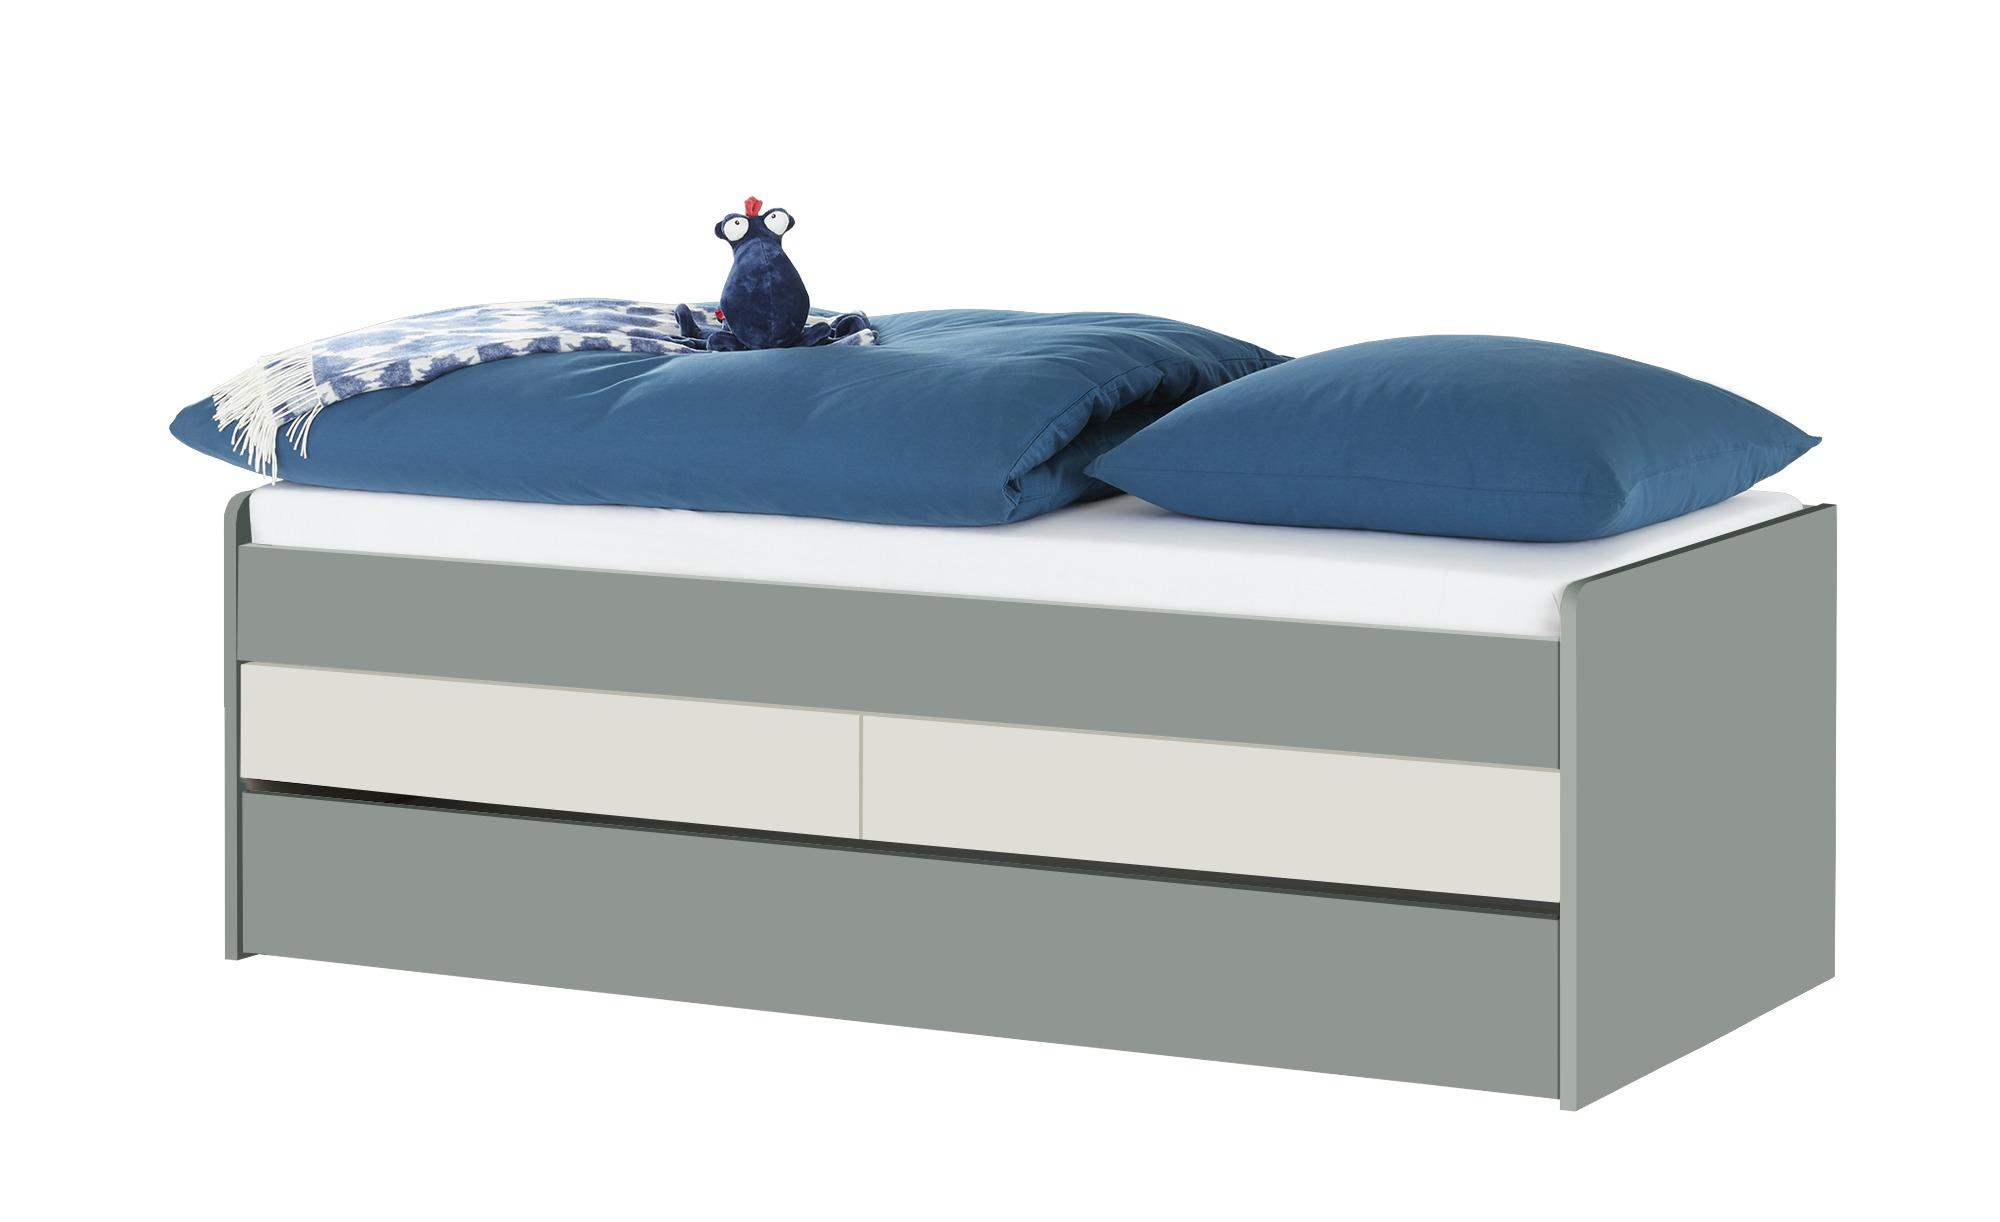 Full Size of Kinderbett Stauraum Kinderzimmer B Kinderbetten Online Kaufen Mbel Suchmaschine Bett Mit 200x200 160x200 Betten 140x200 Wohnzimmer Kinderbett Stauraum